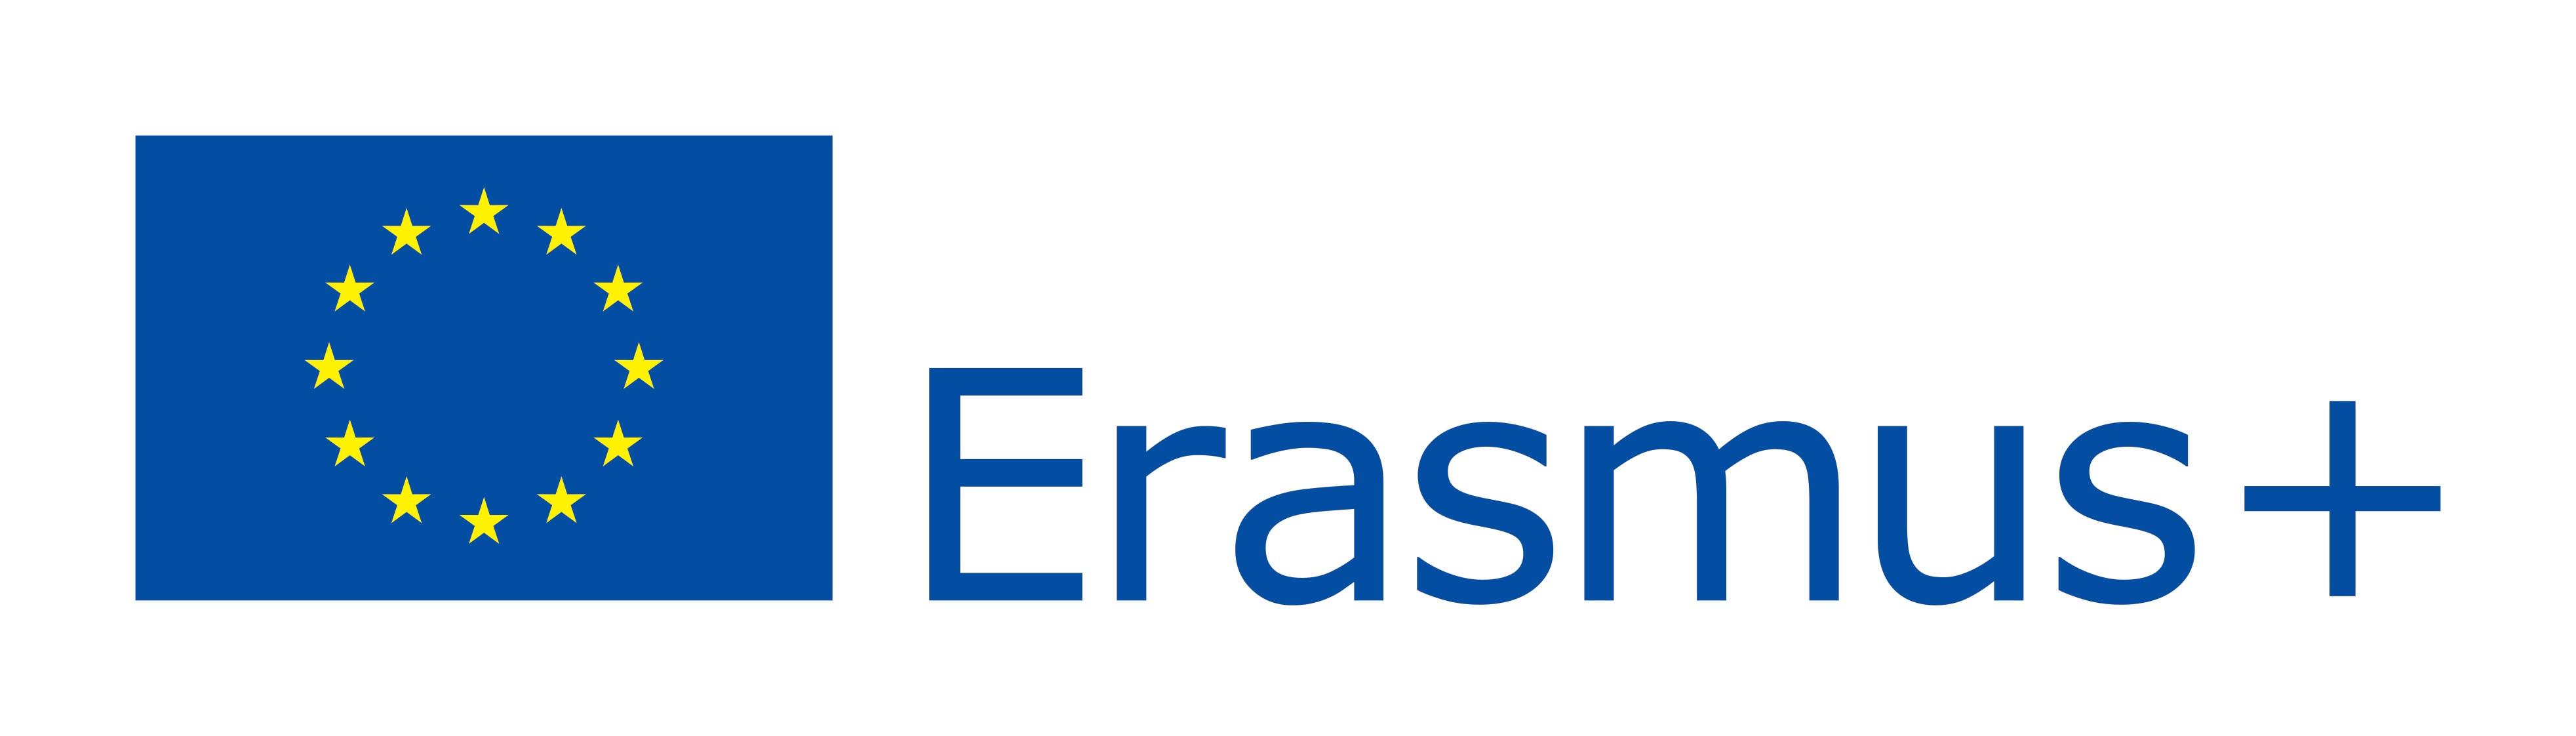 Proyectos Erasmus (erasmus.jpg)